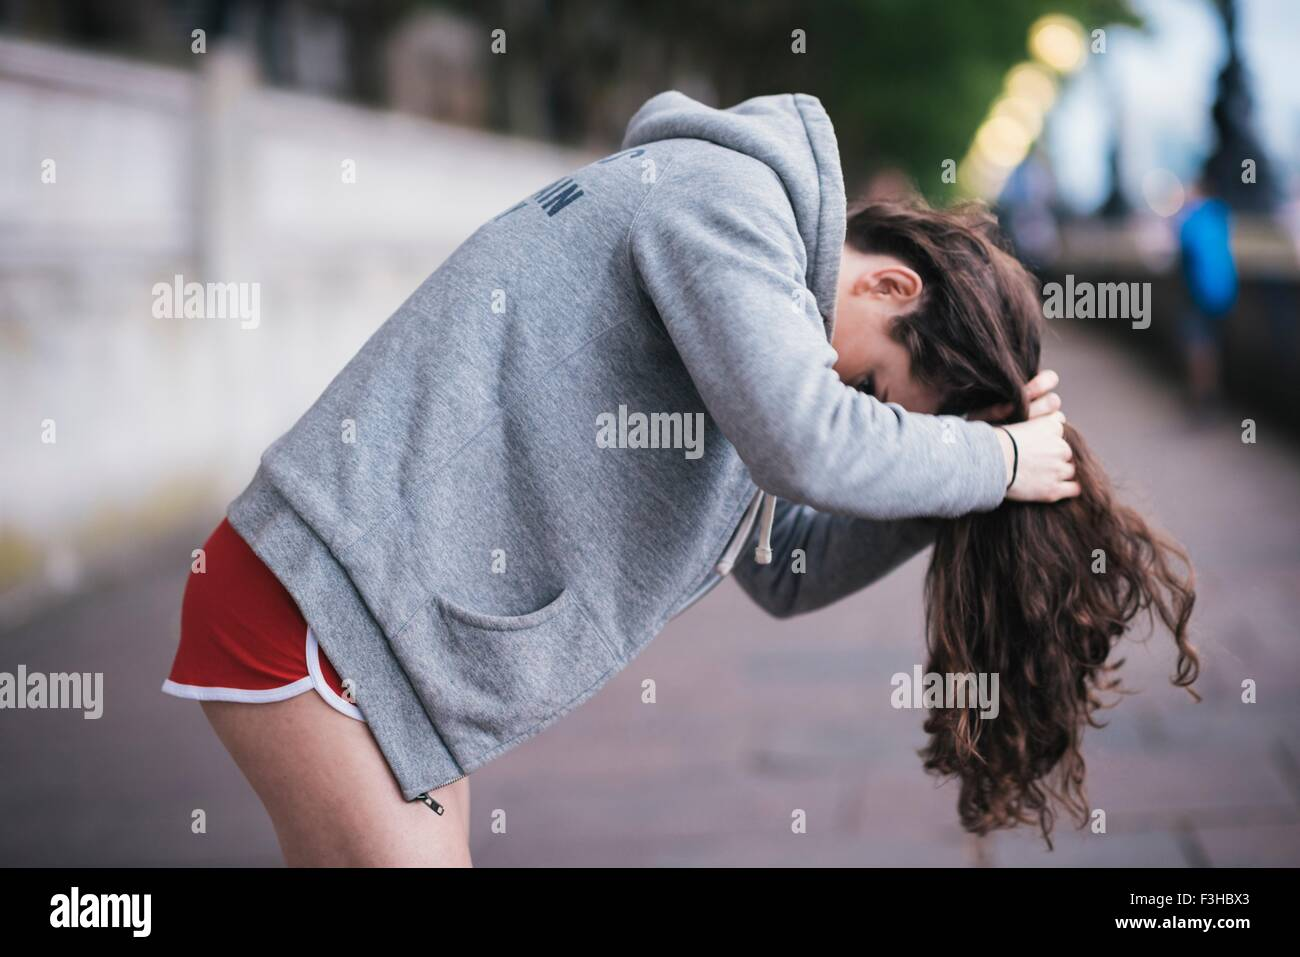 Junge weibliche Läufer lange Haare am Ufer zu binden Stockbild